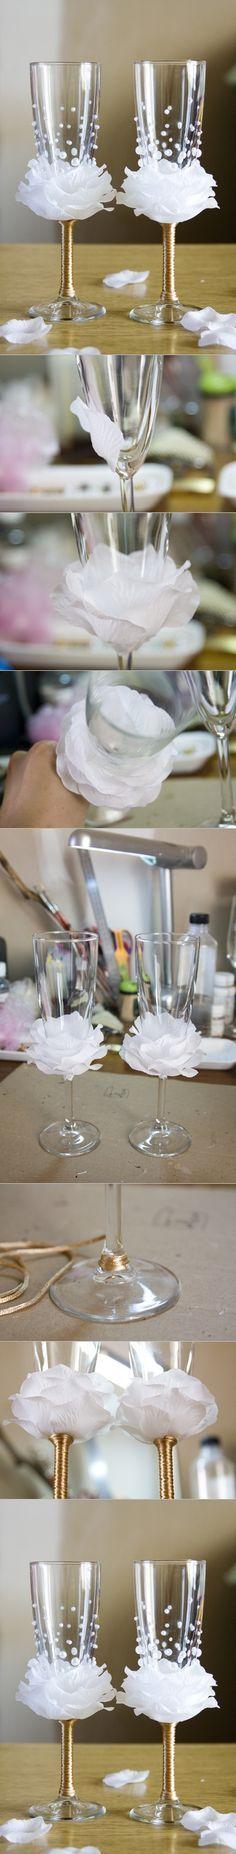 bicchiere di vino decorare meravigliosa decorazione di DIY bicchieri di vino con fiori e perline